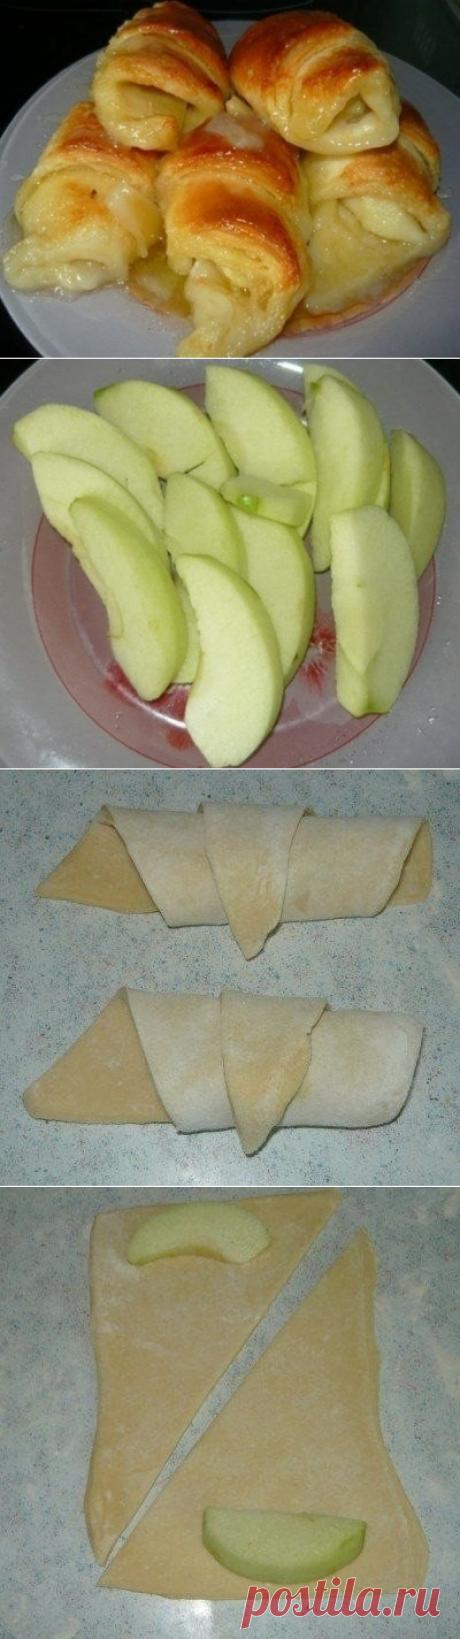 Как приготовить слойки с яблоками - рецепт, ингридиенты и фотографии